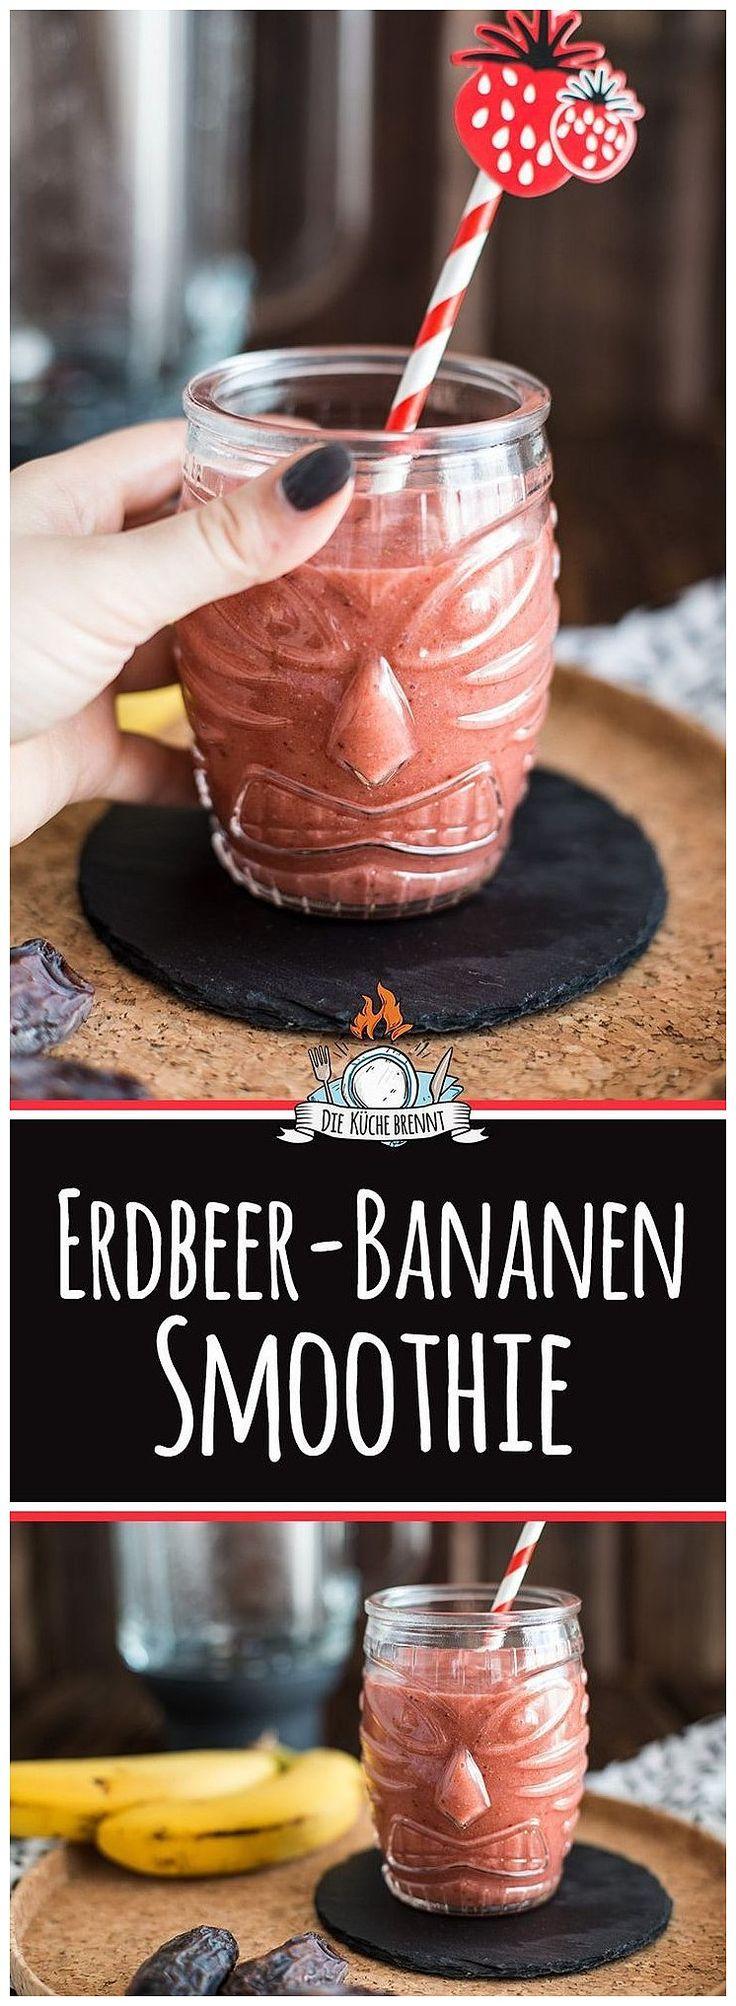 erdbeer bananen smoothie rezept